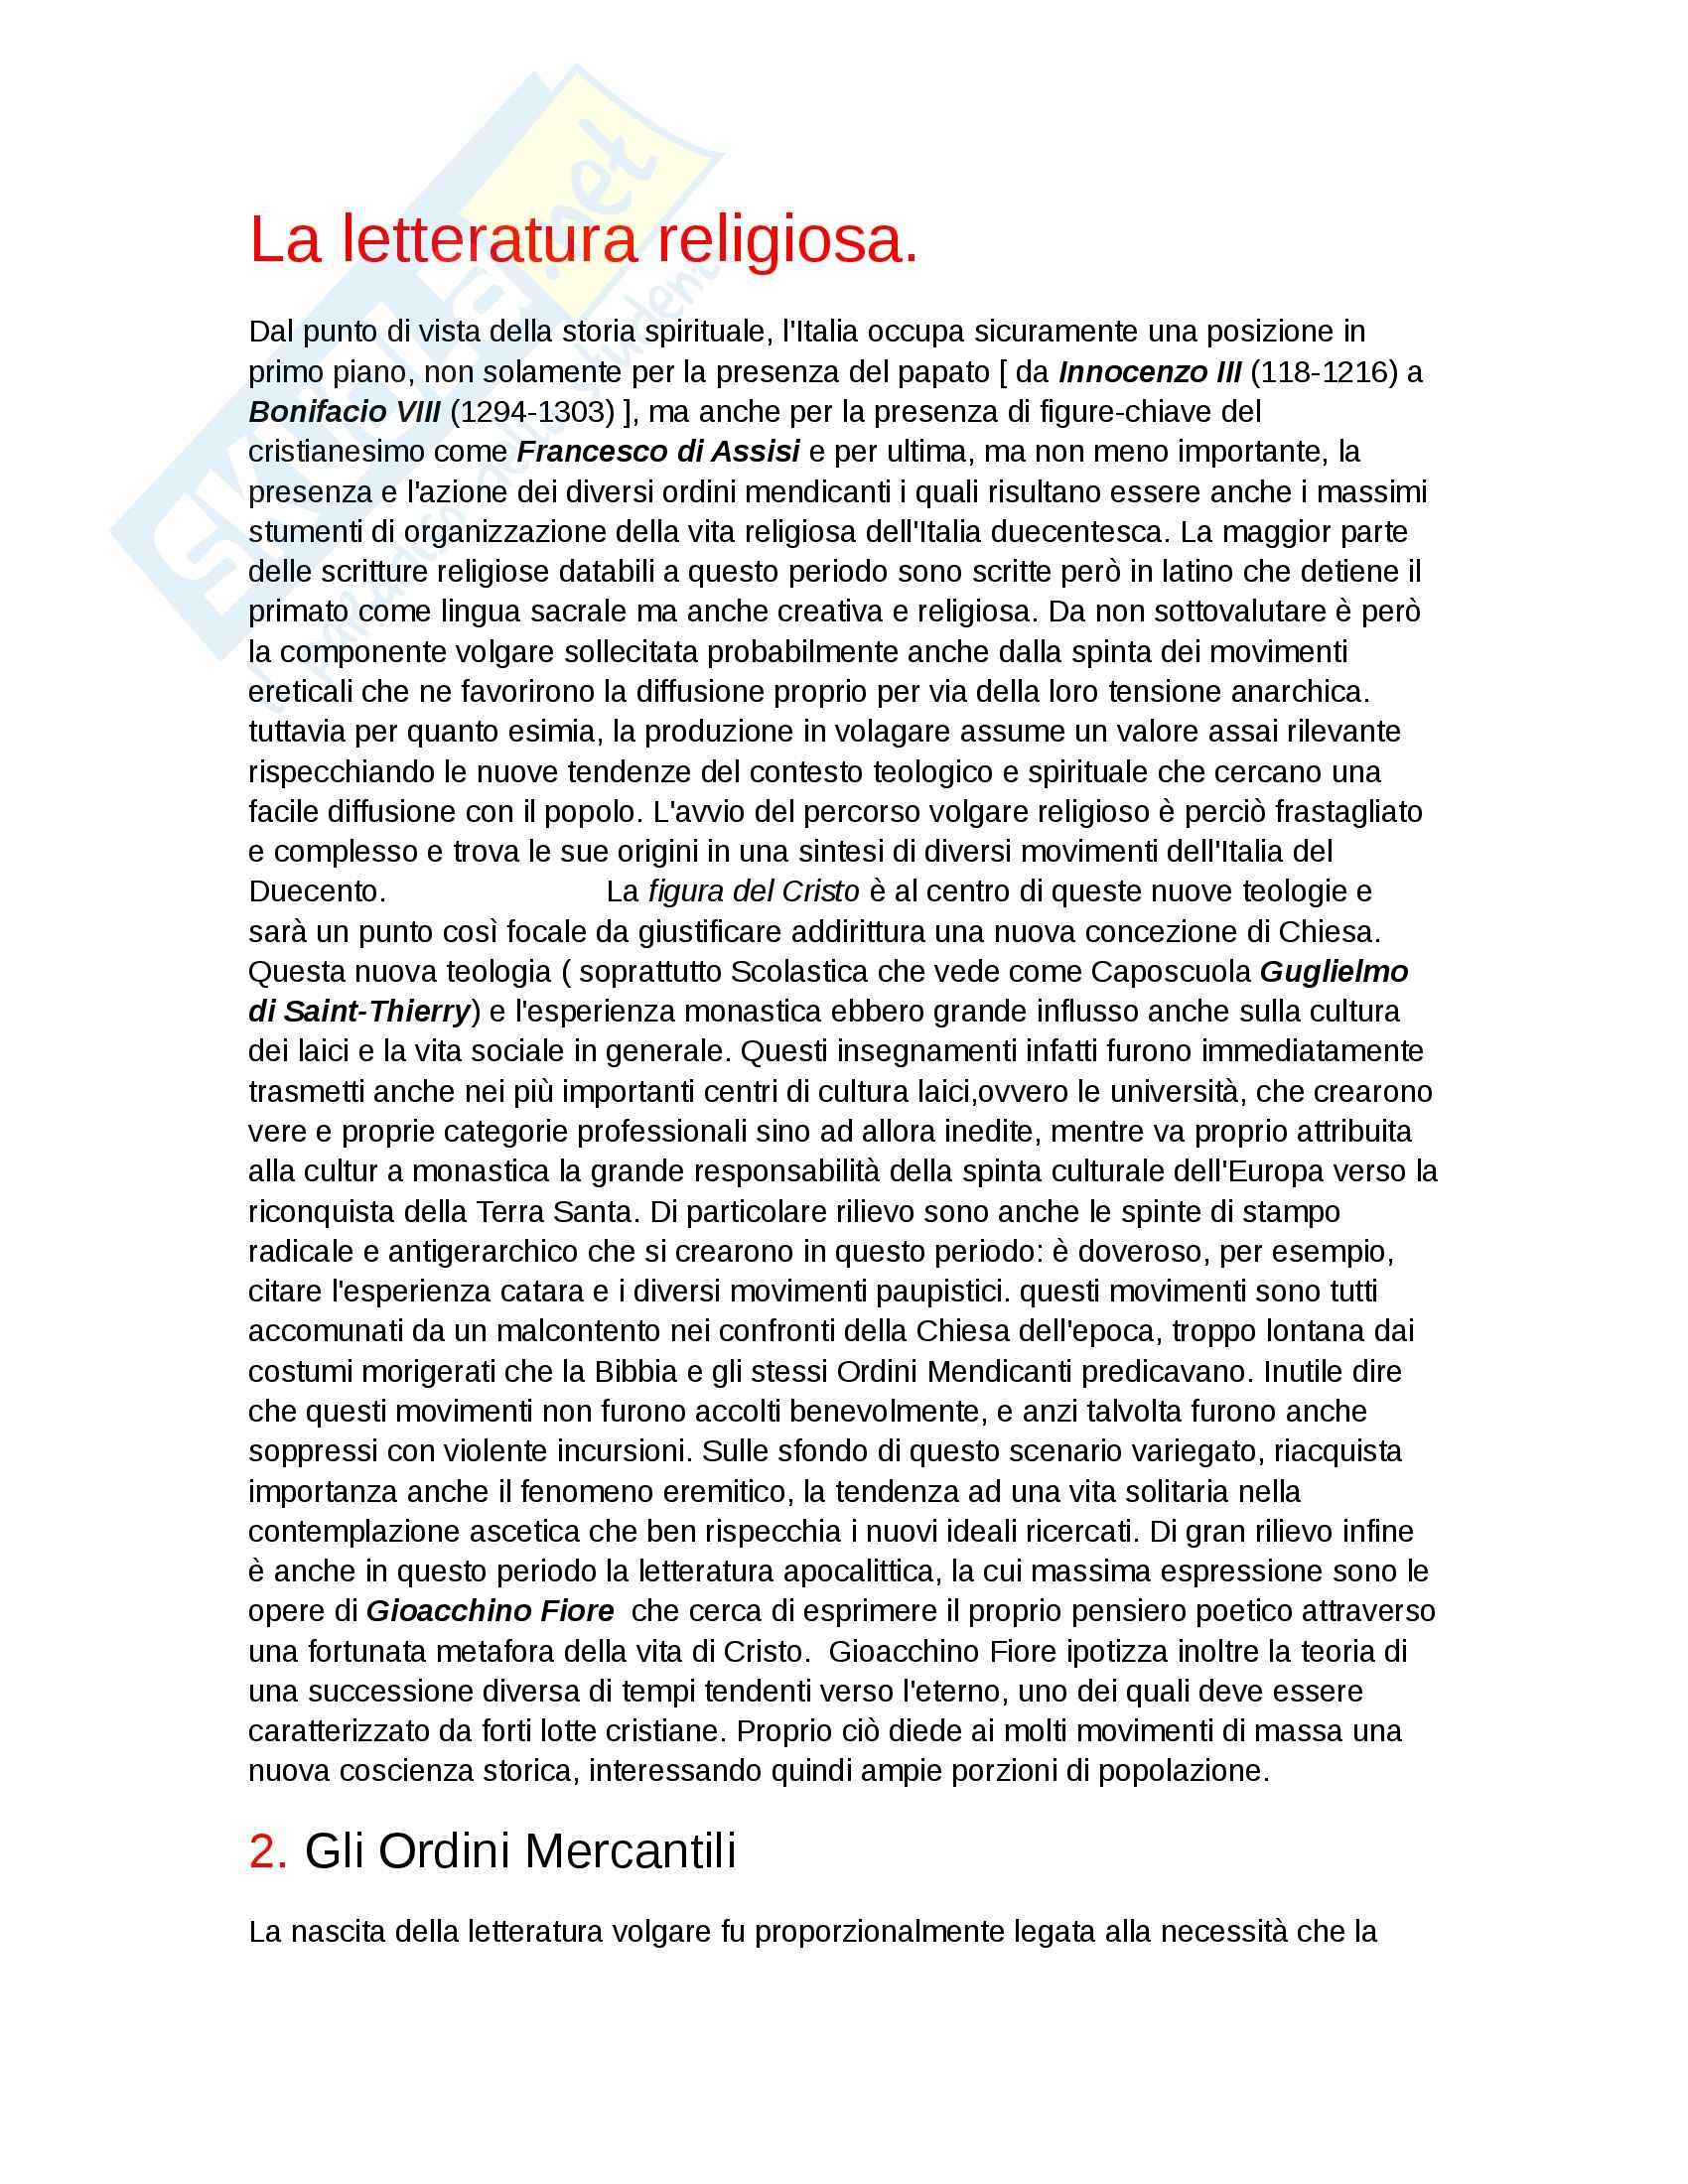 Letteratura religiosa, Letteratura italiana